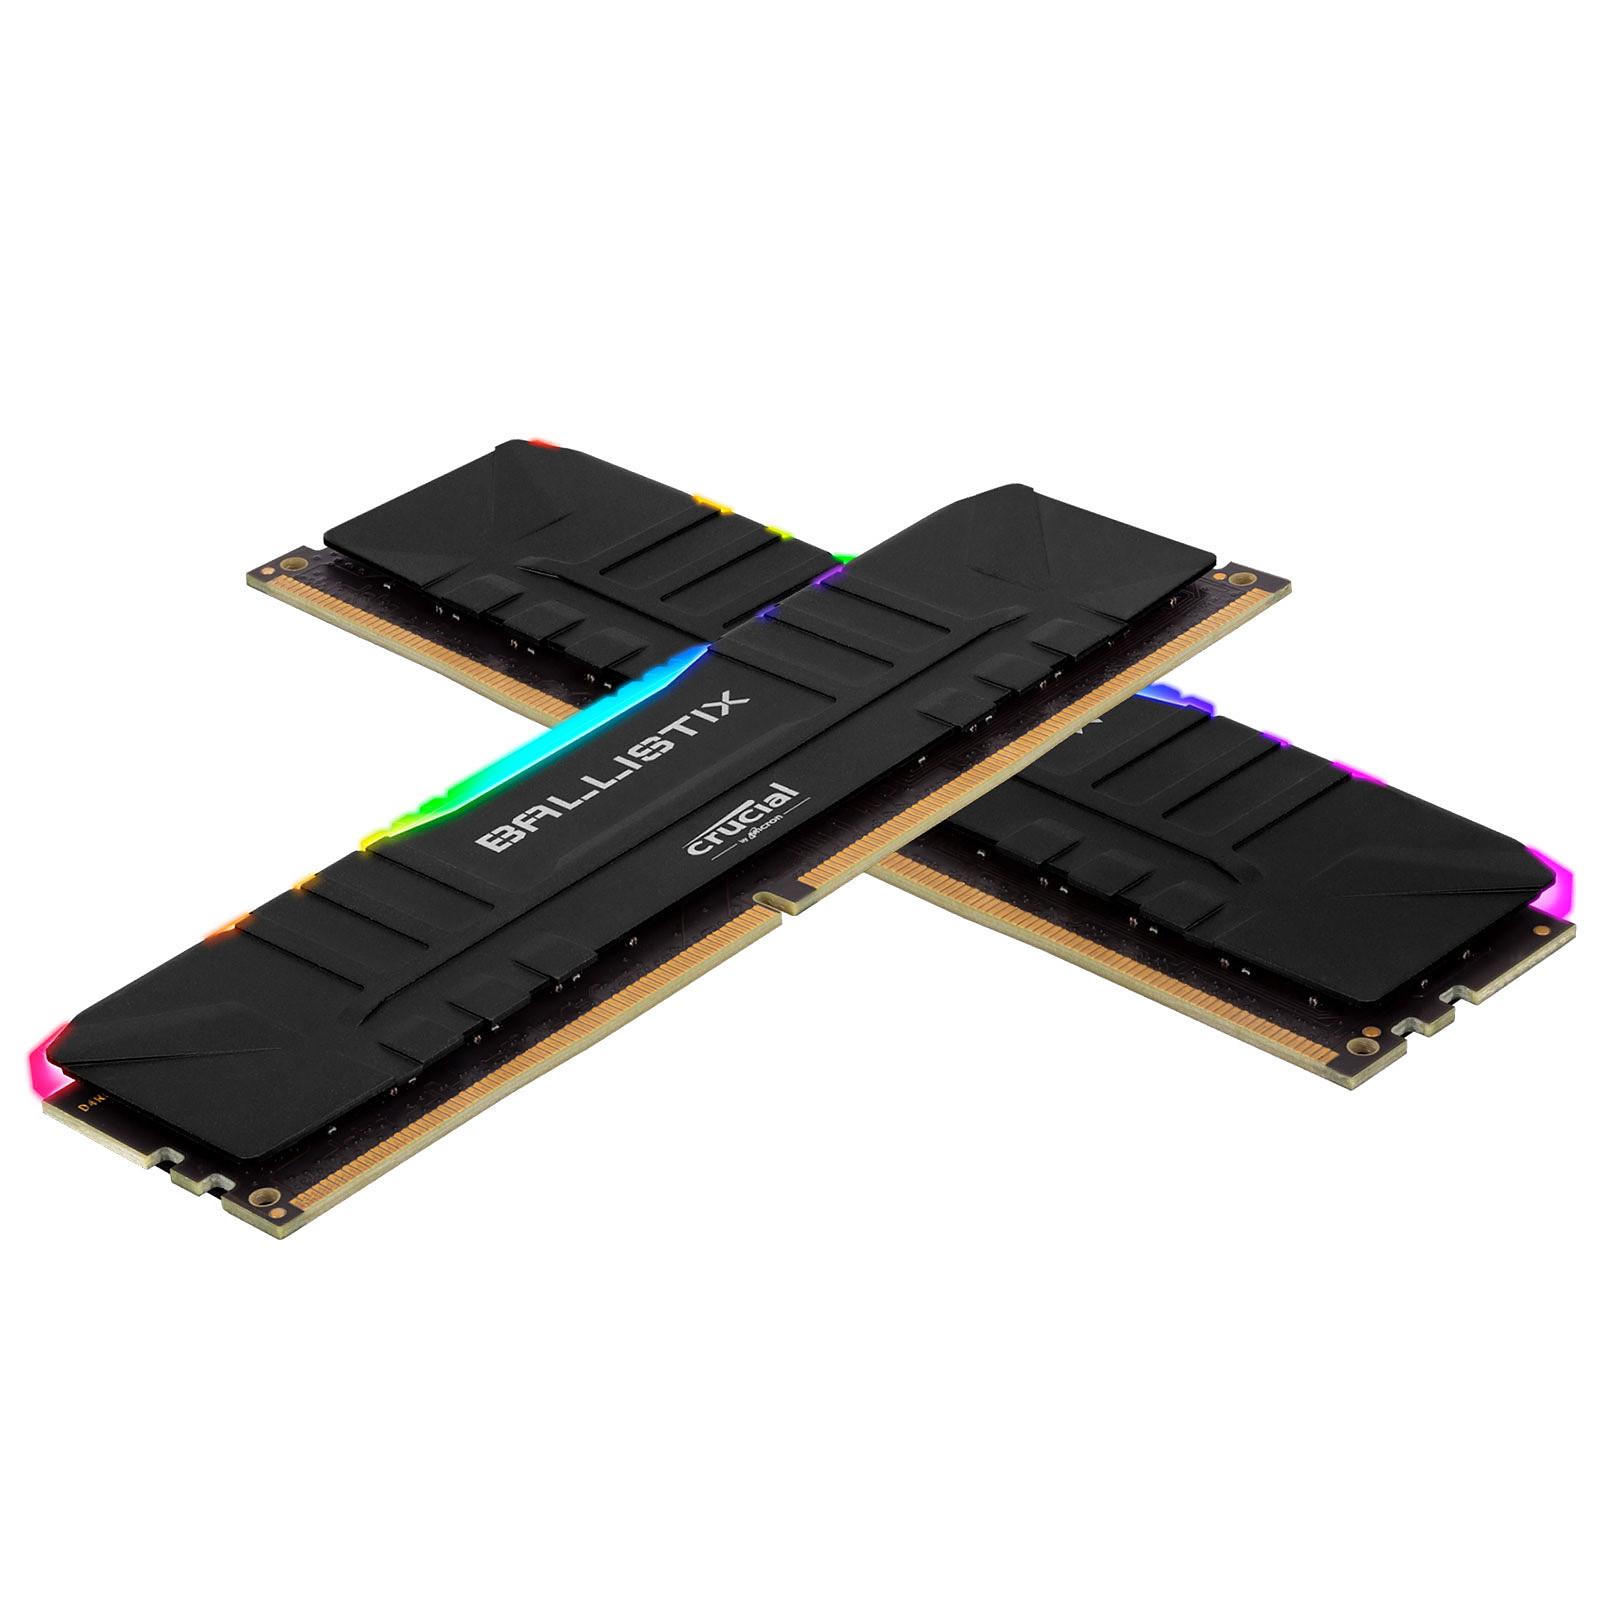 Ballistix Black RGB DDR4 64 Go (2 x 32 Go) 3200 MHz CL16